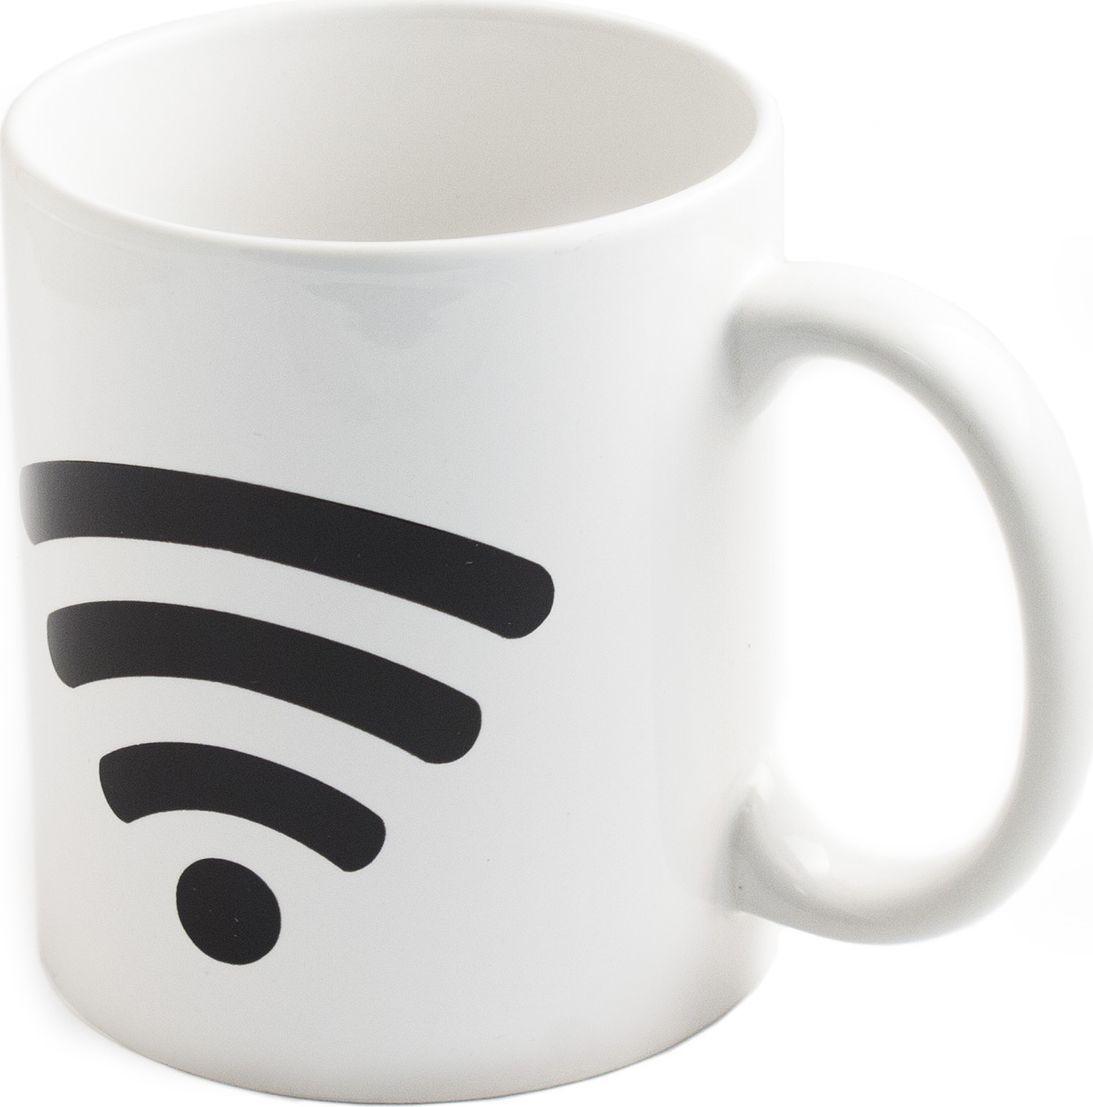 Кружка хамелеон Эврика Включи WiFi, 350 мл. 9805098050Оригинальная кружка с проявляющимся рисунком. Размеры упаковки: 12x9x10 см Размеры изделия: 12х9,5х8 cм Упаковка: красочный картон.